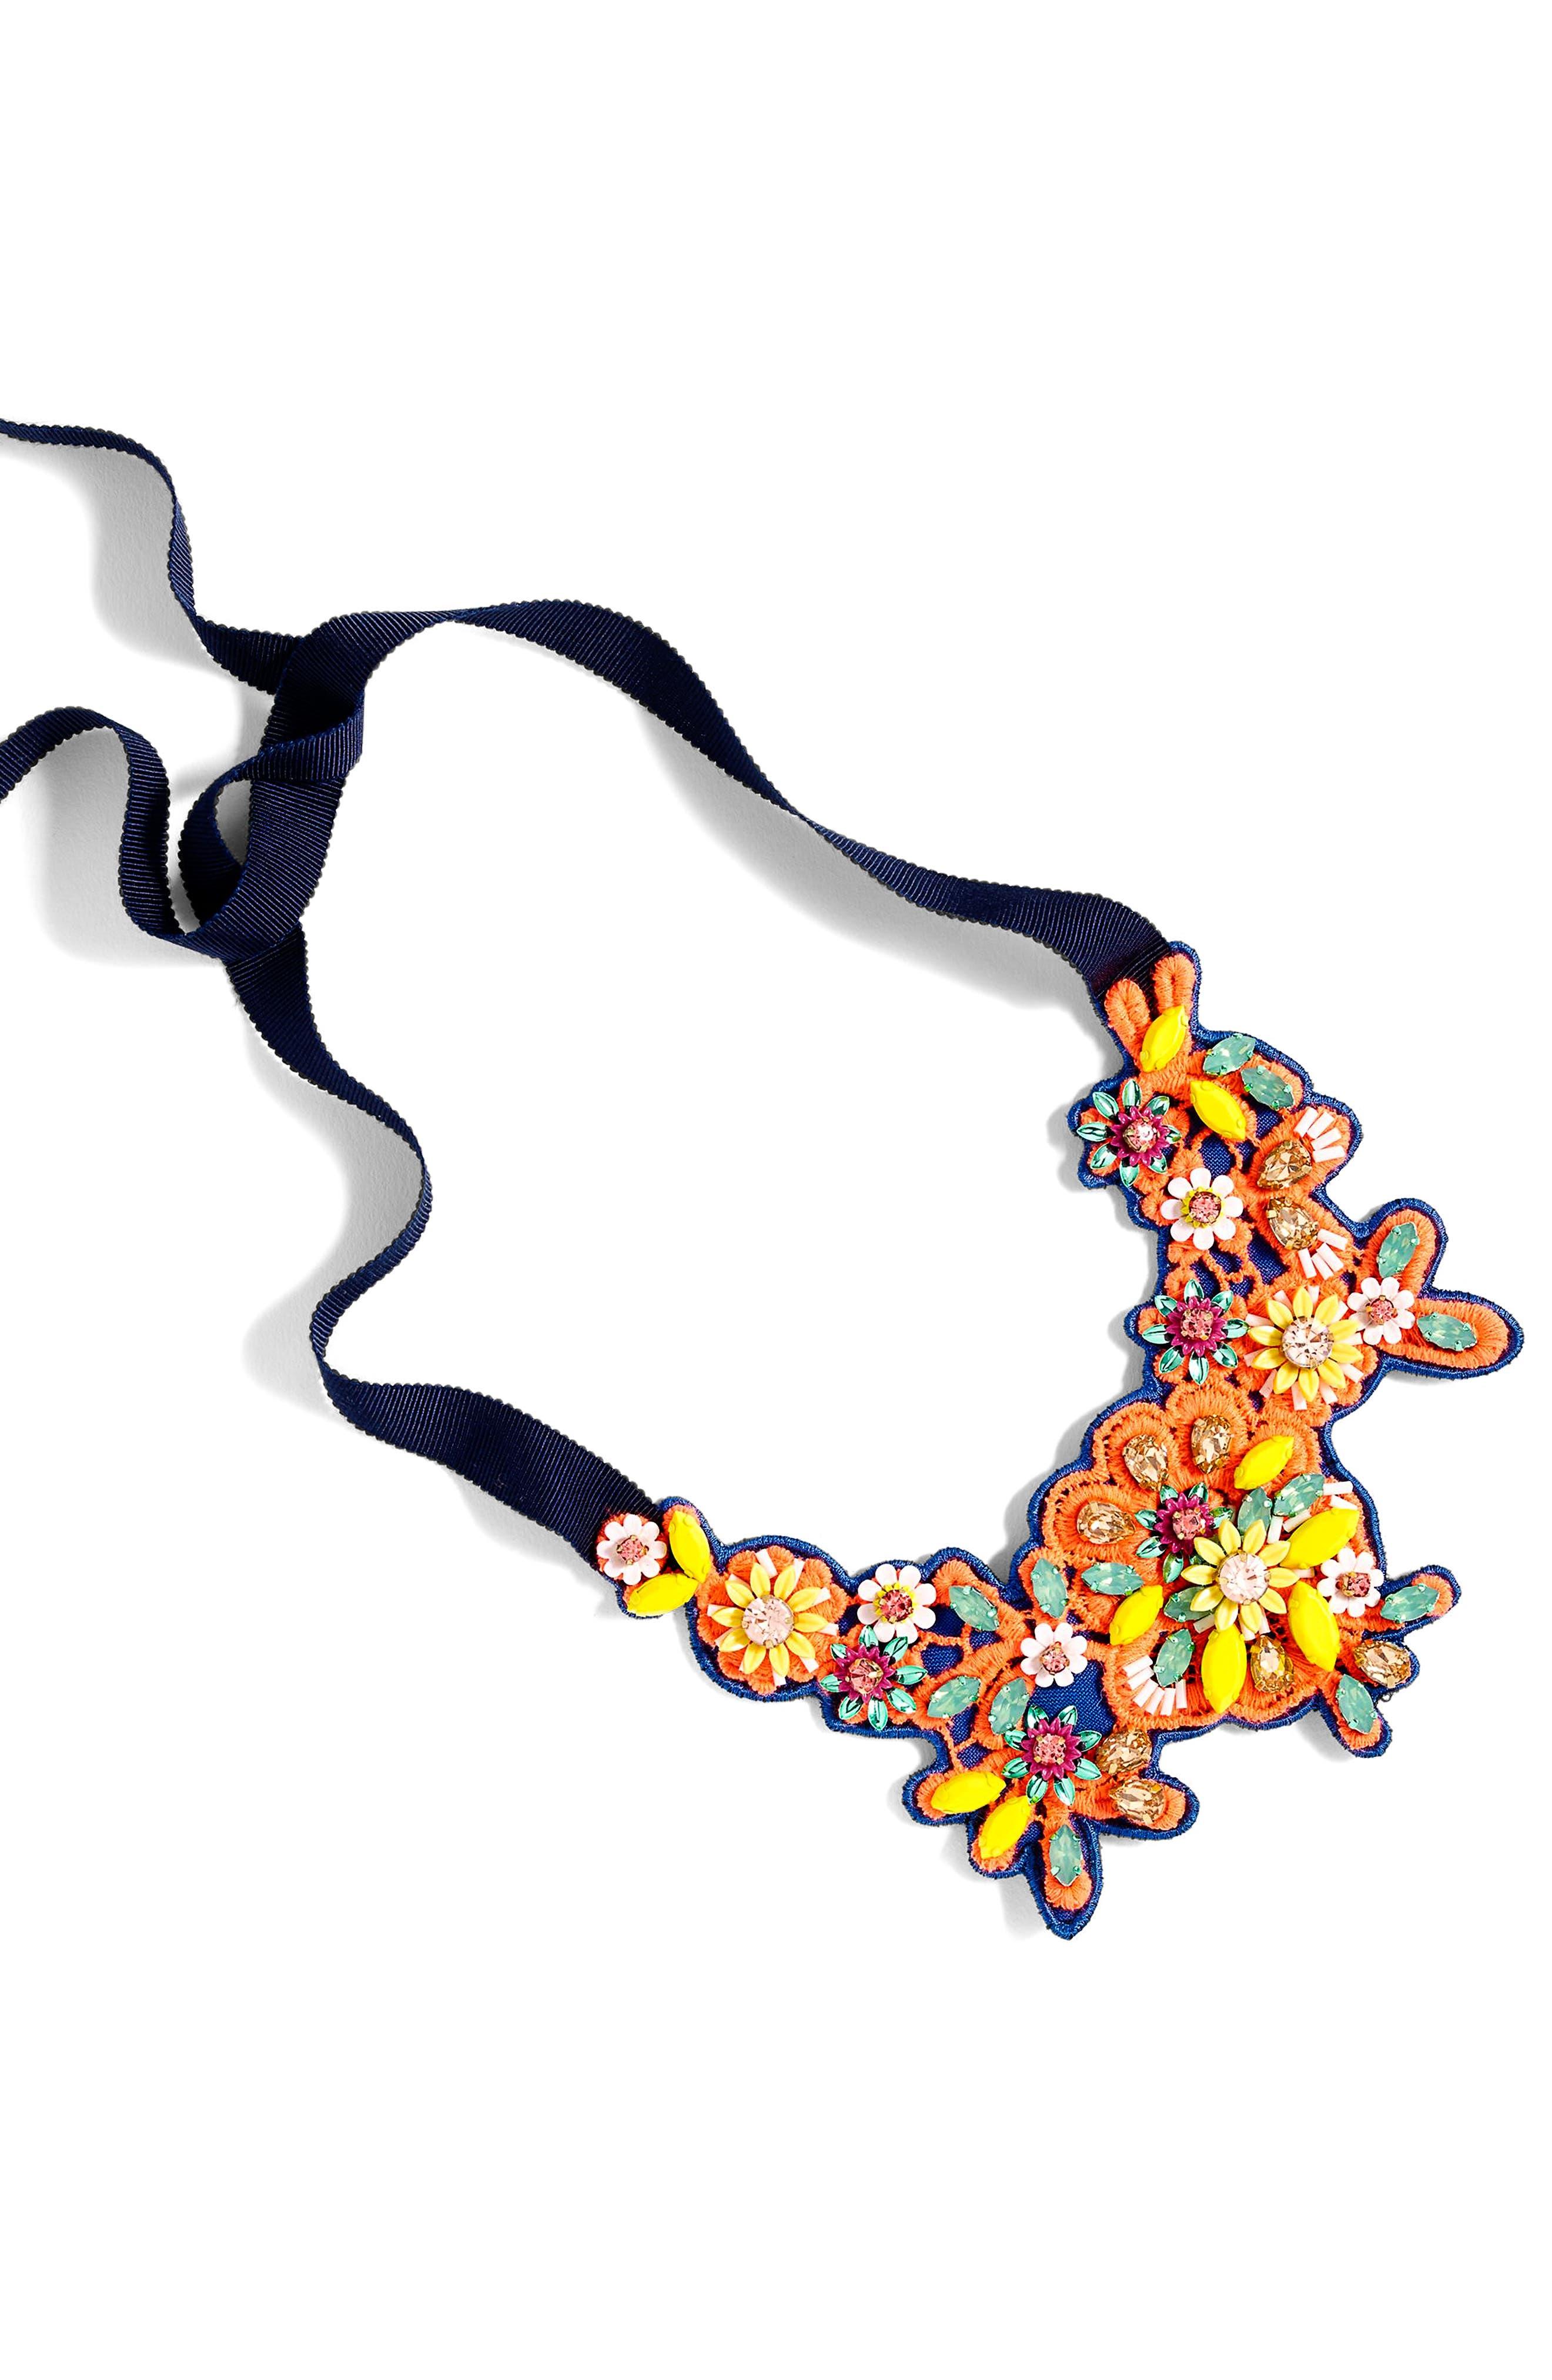 Alternate Image 1 Selected - J.Crew Embellished Crystal Bib Necklace